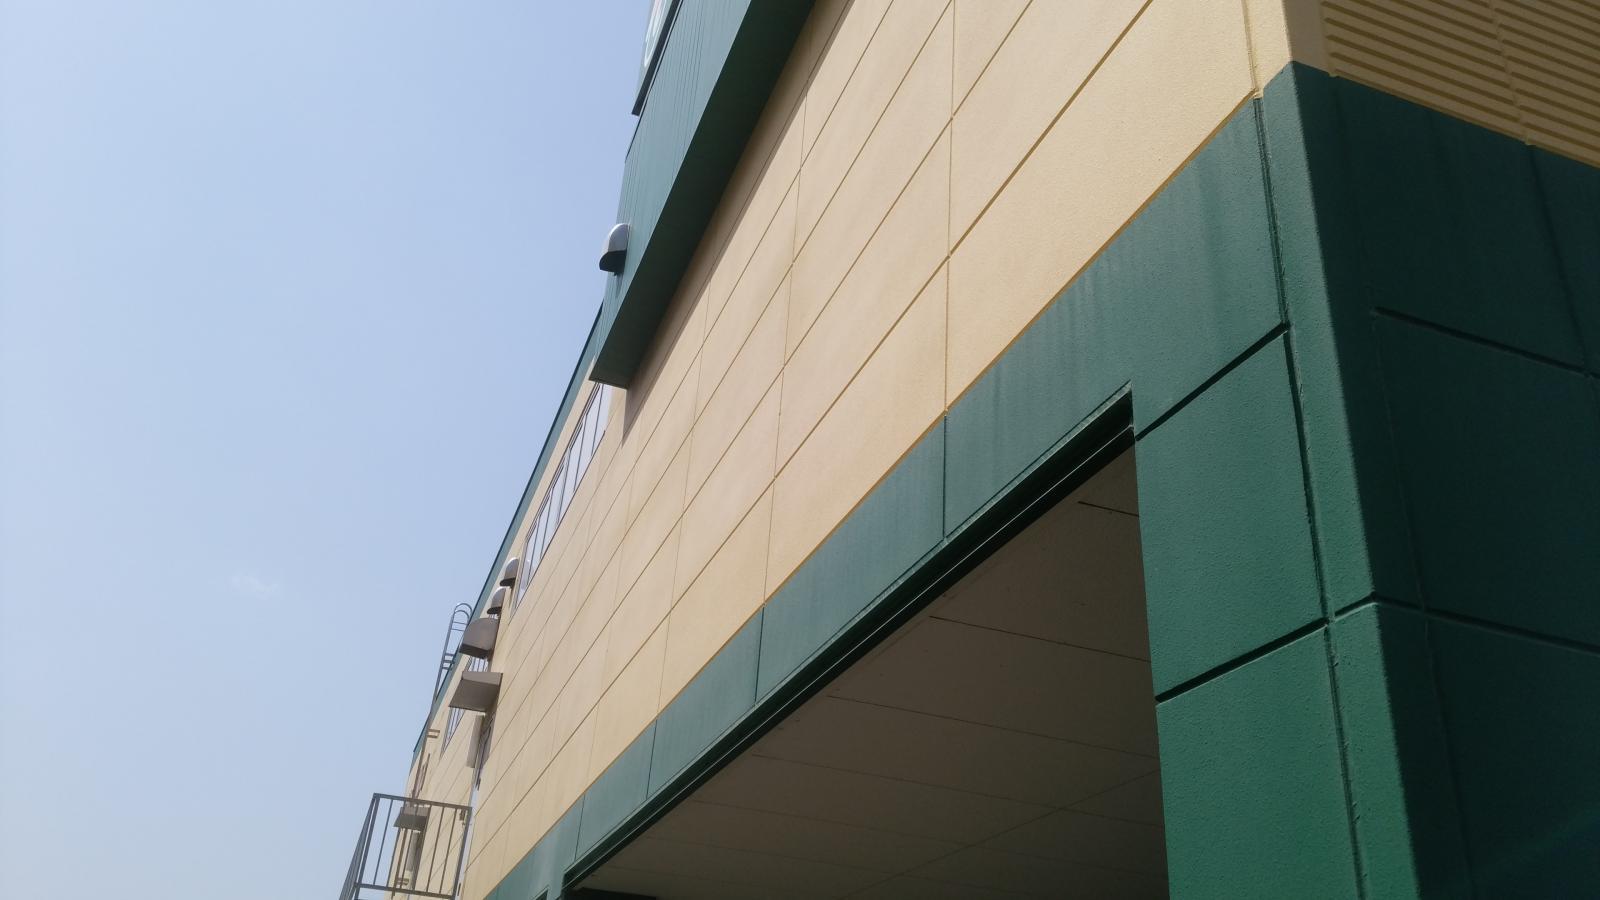 モリタゴルフ 福岡西店さんの施設外観です。